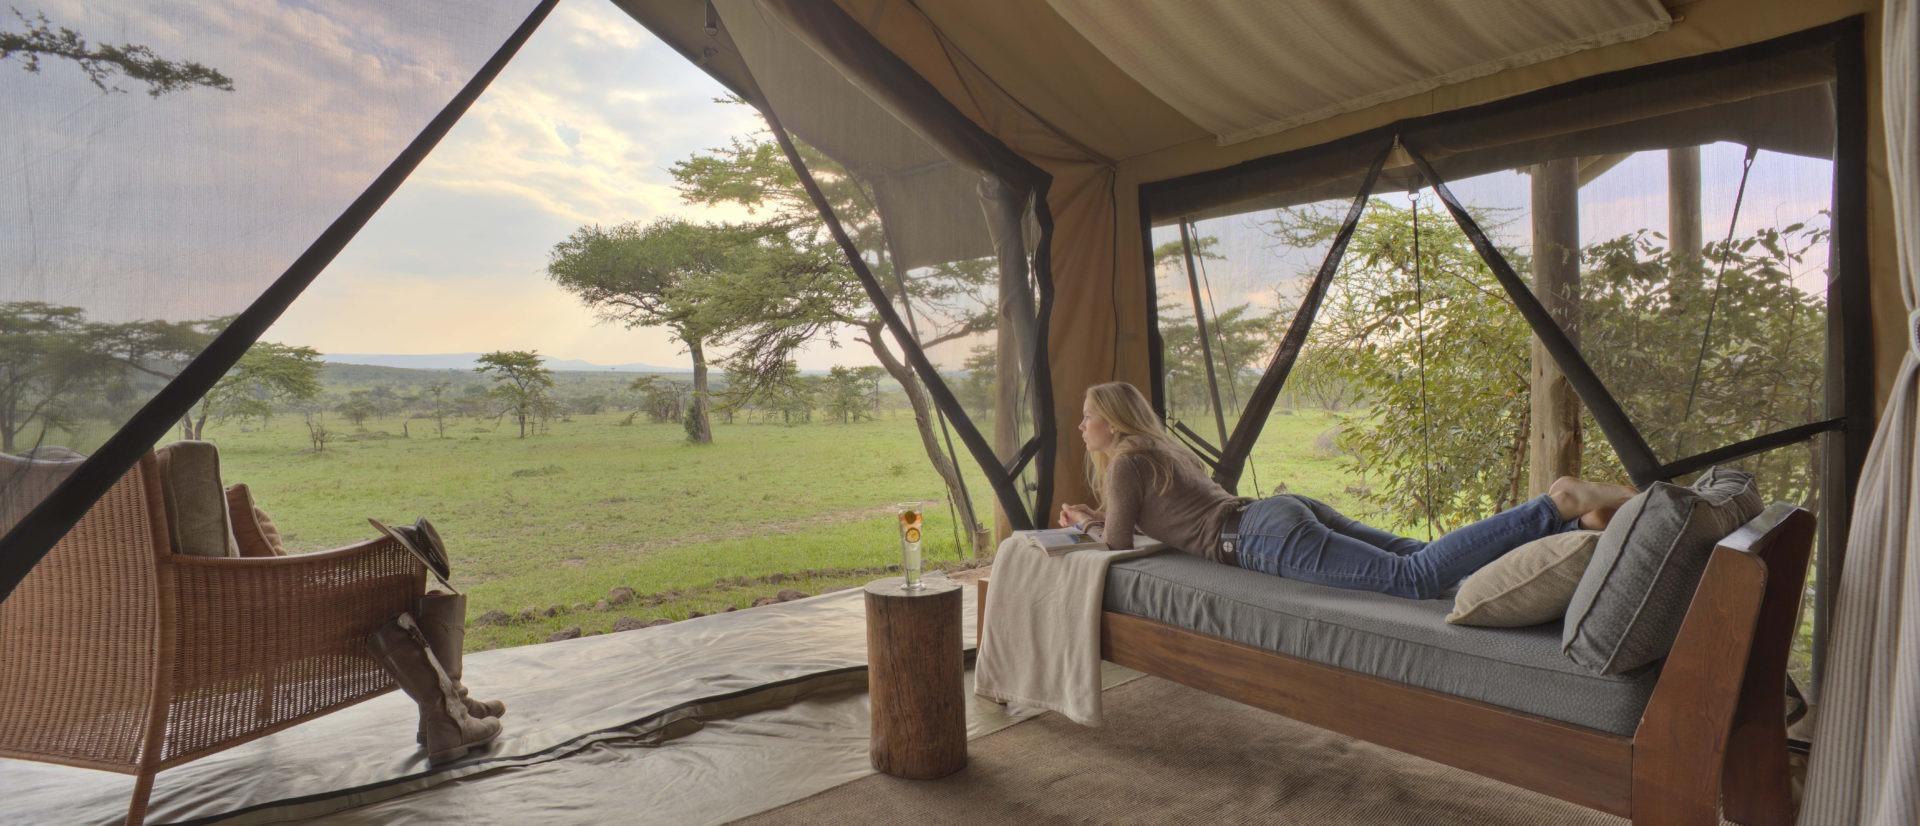 Naboisho Camp guest bedroom tent interior Stevie Mann 1 MR